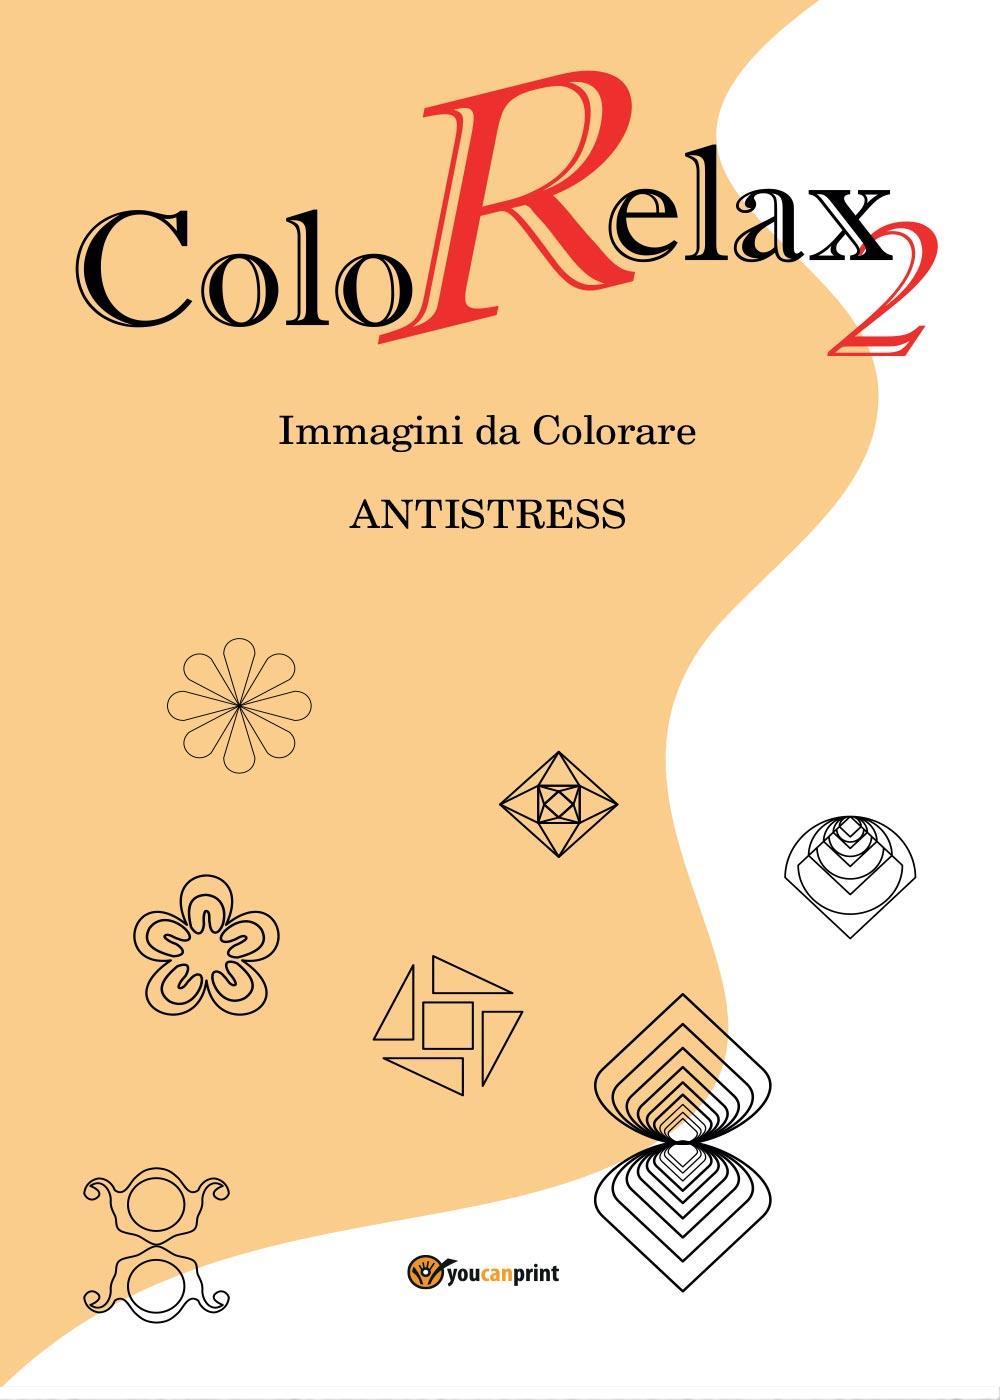 ColoRelax 2. Immagini da Colorare - Antistress